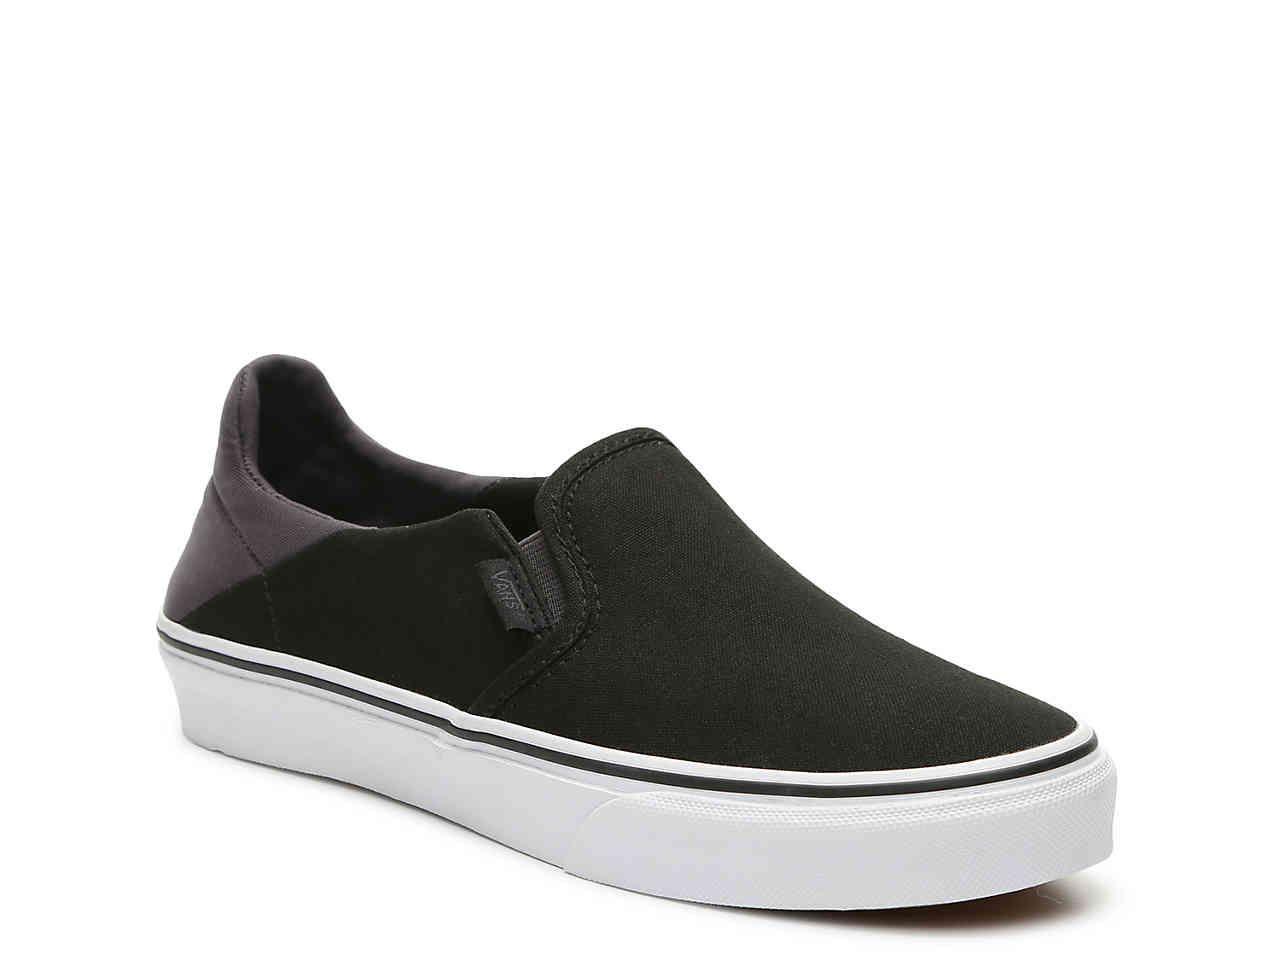 Vans Asher Flex Slip-On Sneaker - Women